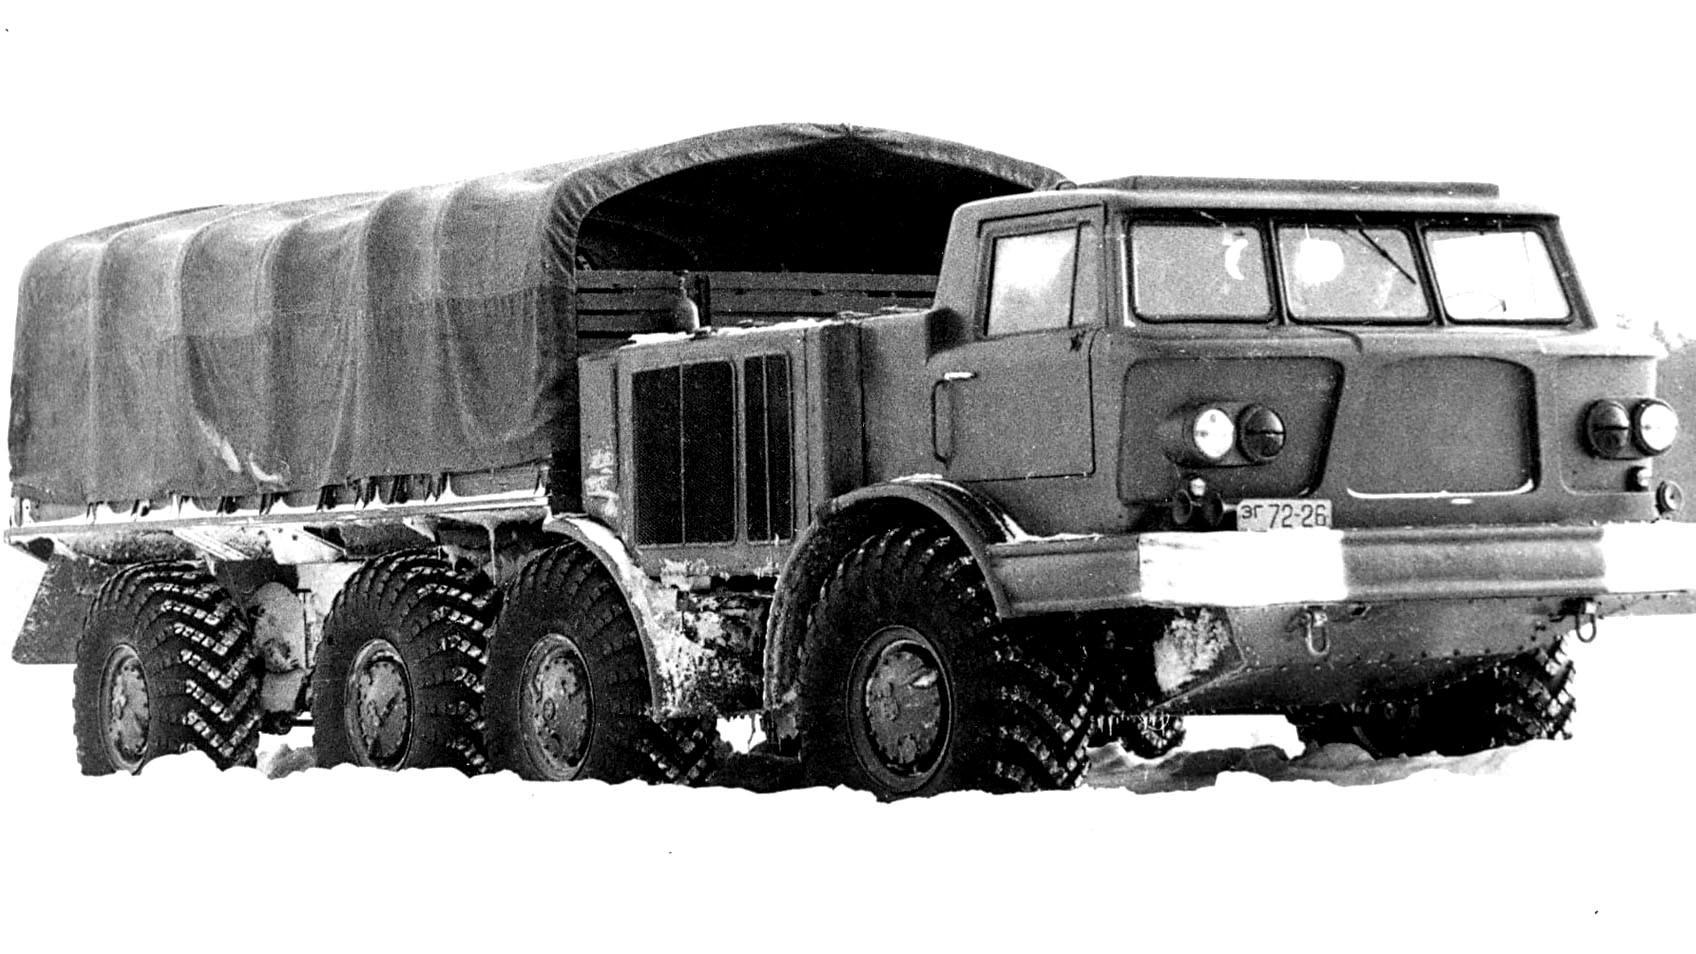 Автомобиль ЗИЛ-135Л с независимой подвеской крайних колес. 1961 год